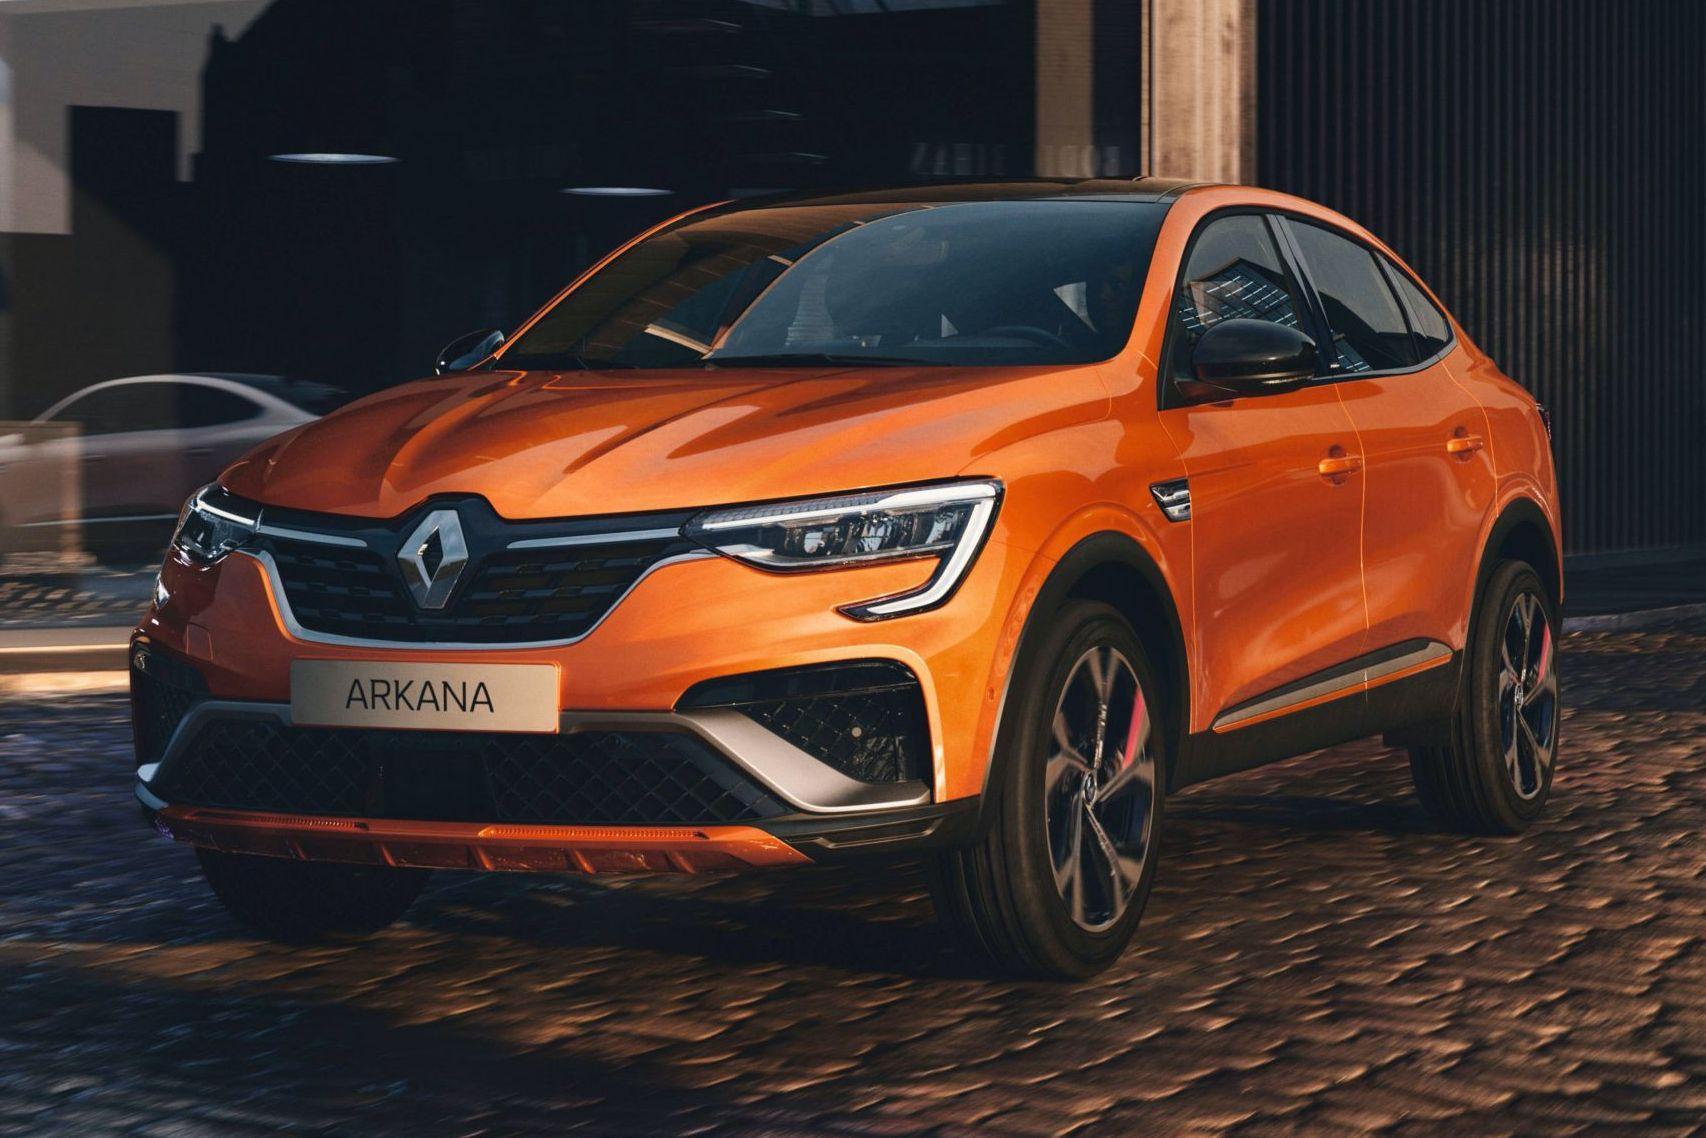 Renault Arkana para a Europa tem base do novo Sandero estilo do Nivus